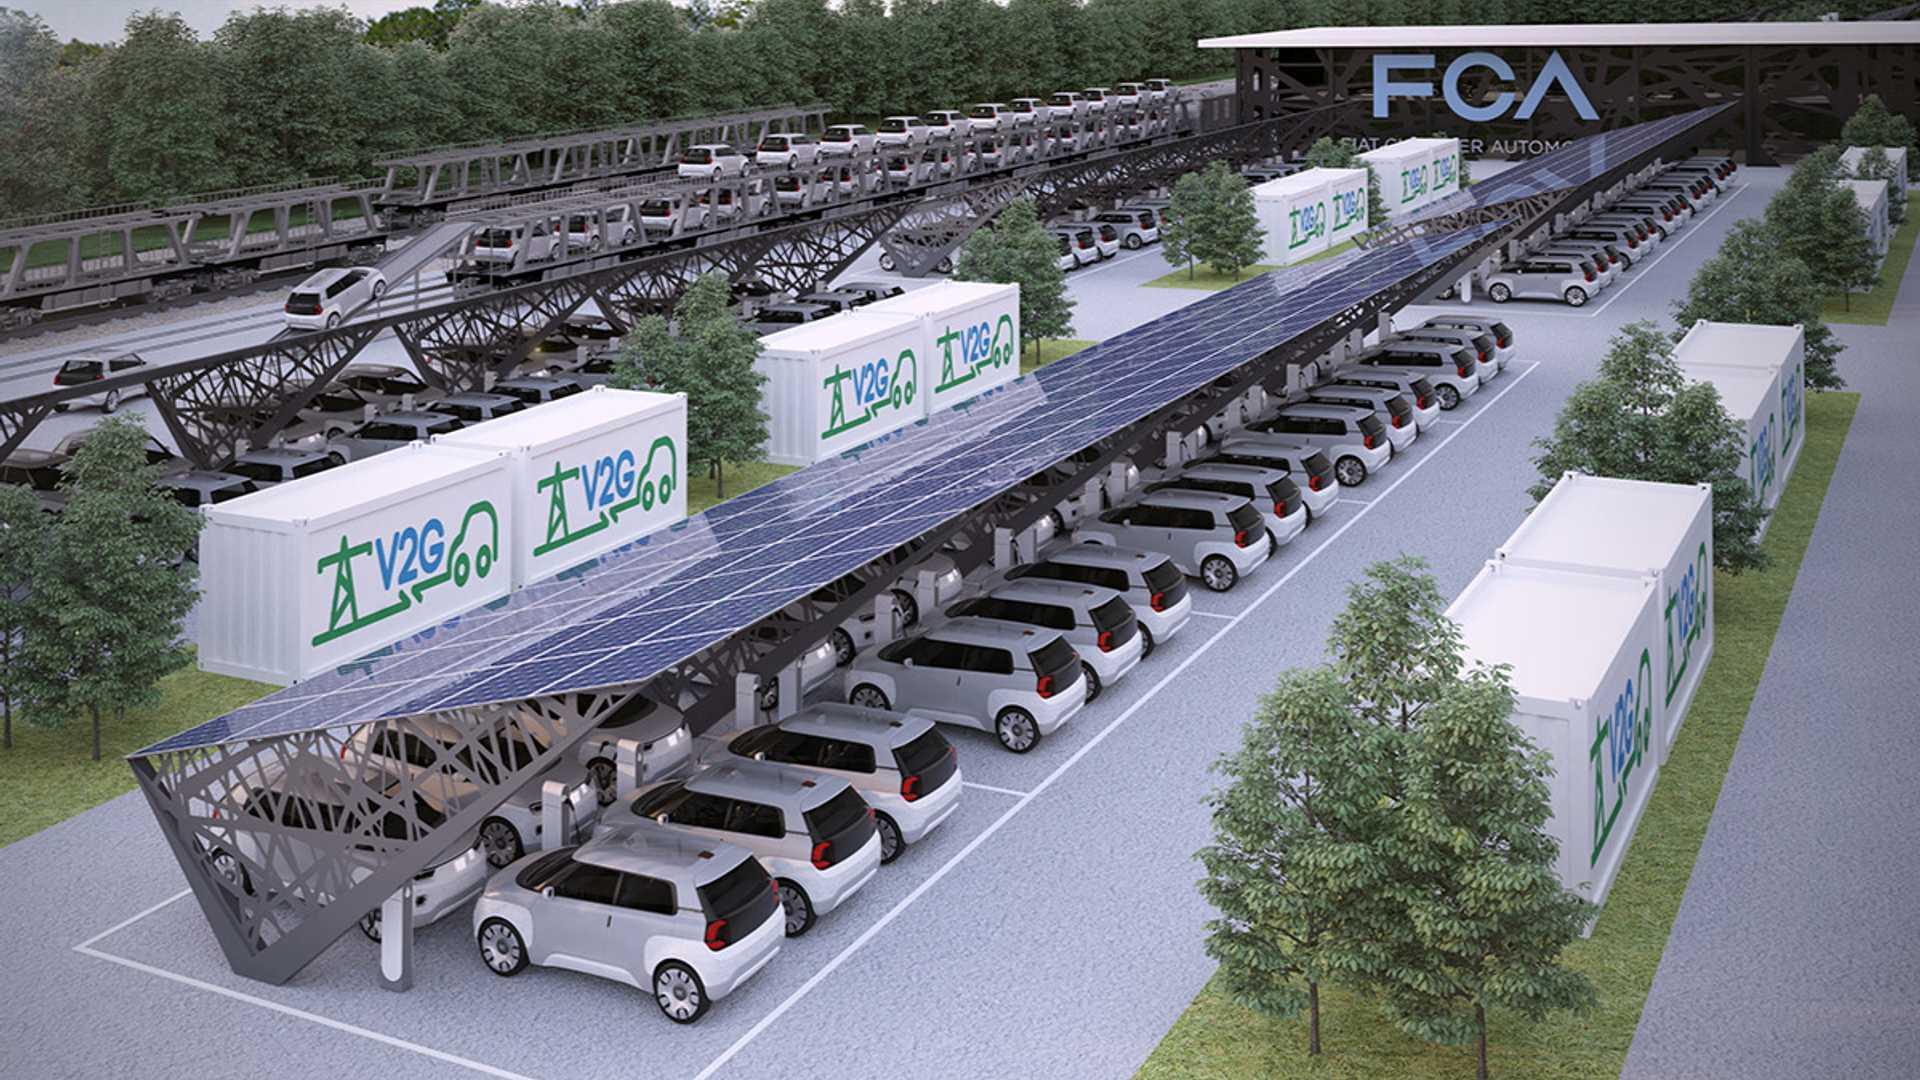 FCA начинает работу в Mirafiori по пилотному проекту «Транспортная сеть»